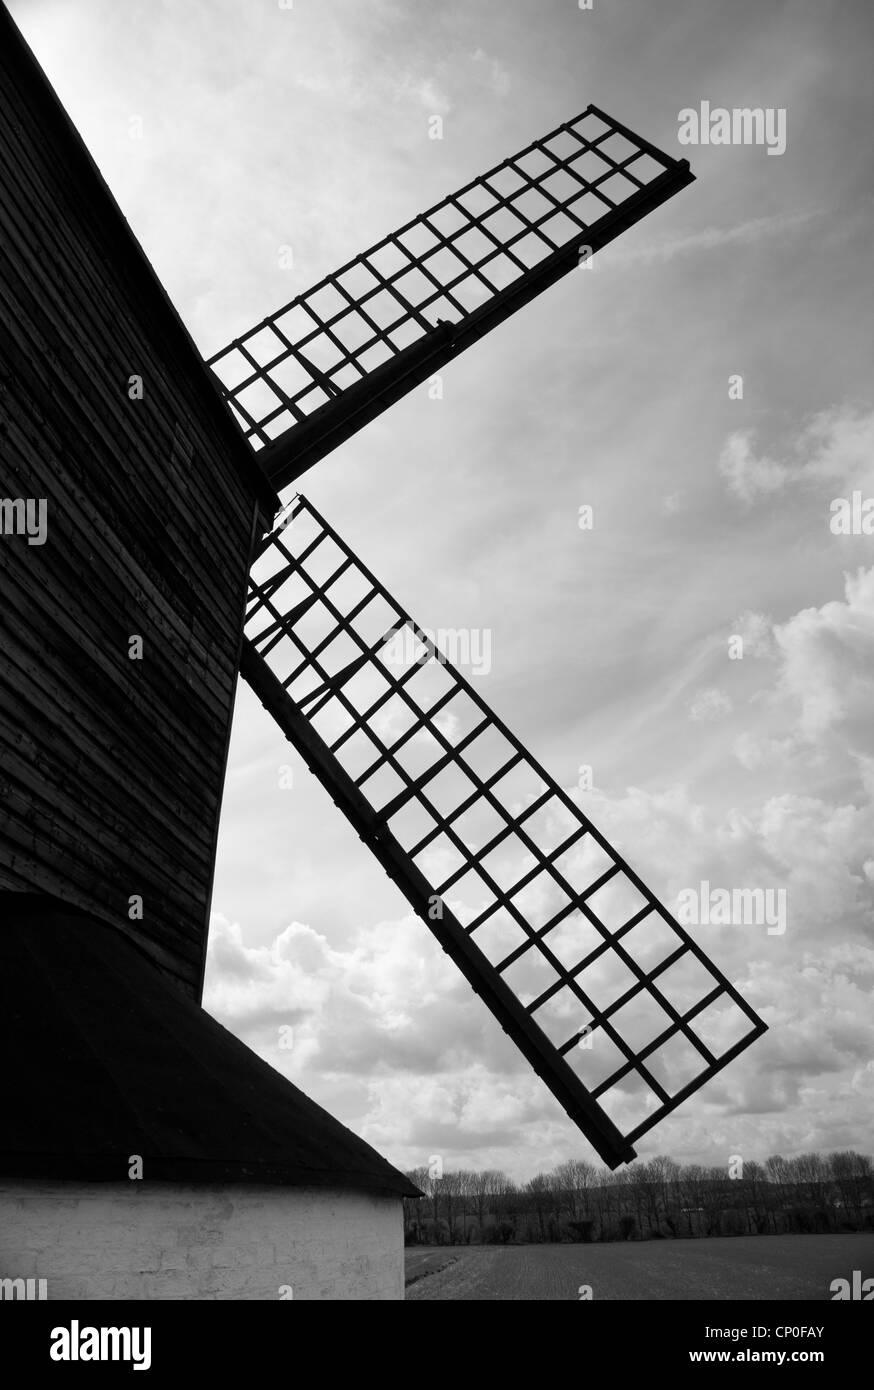 Pitstone Windmill, Ashridge Forest - Stock Image